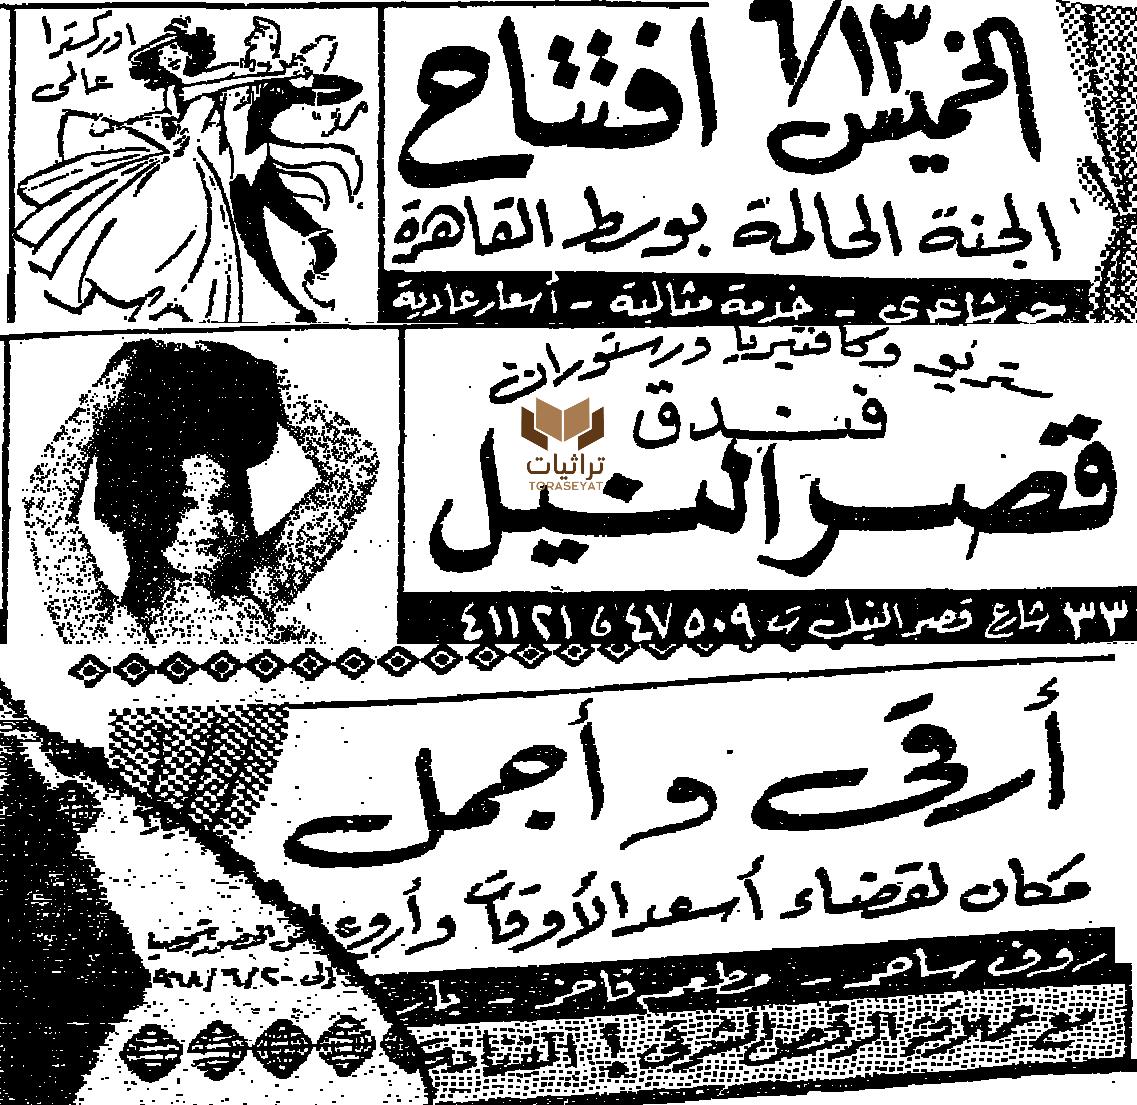 خبر موعد افتتاح ملهى ليلي ترقص فيه سهير زكي - يونيو 68